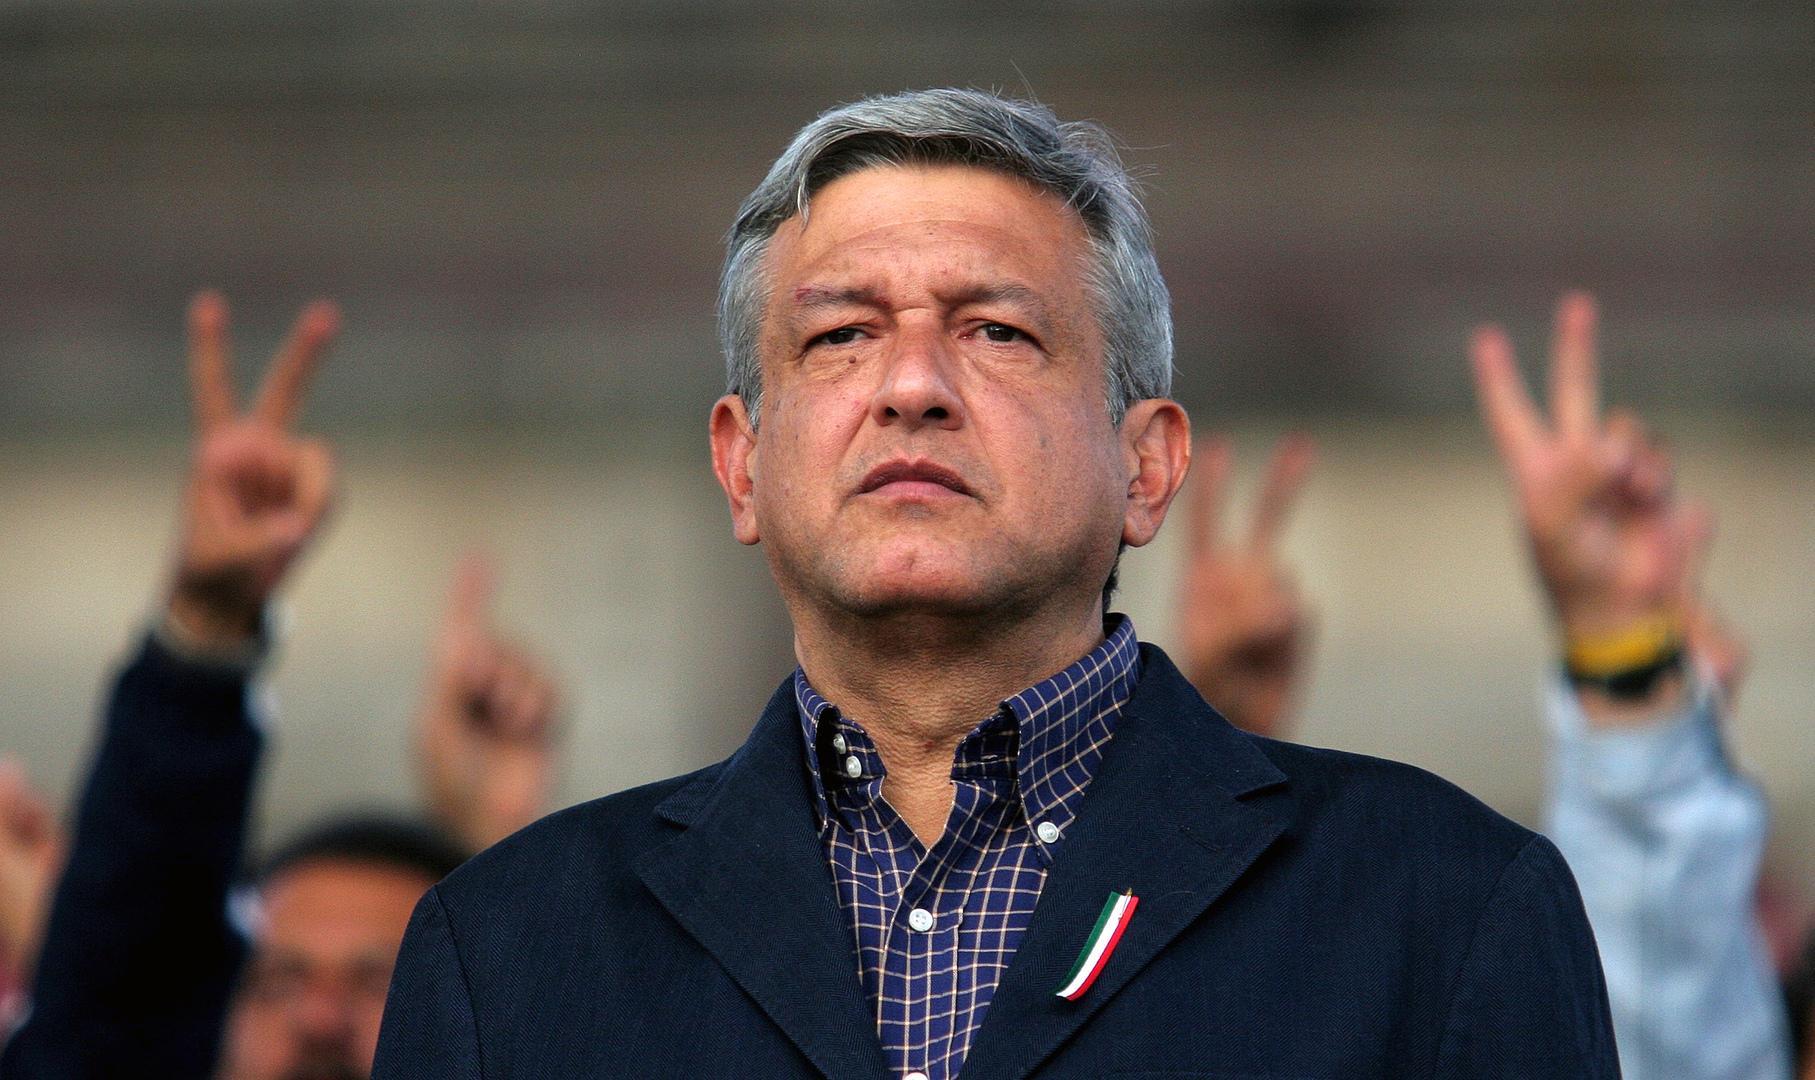 الرئيس المكسيكي يرفض شكاوى الكونغرس الأمريكي